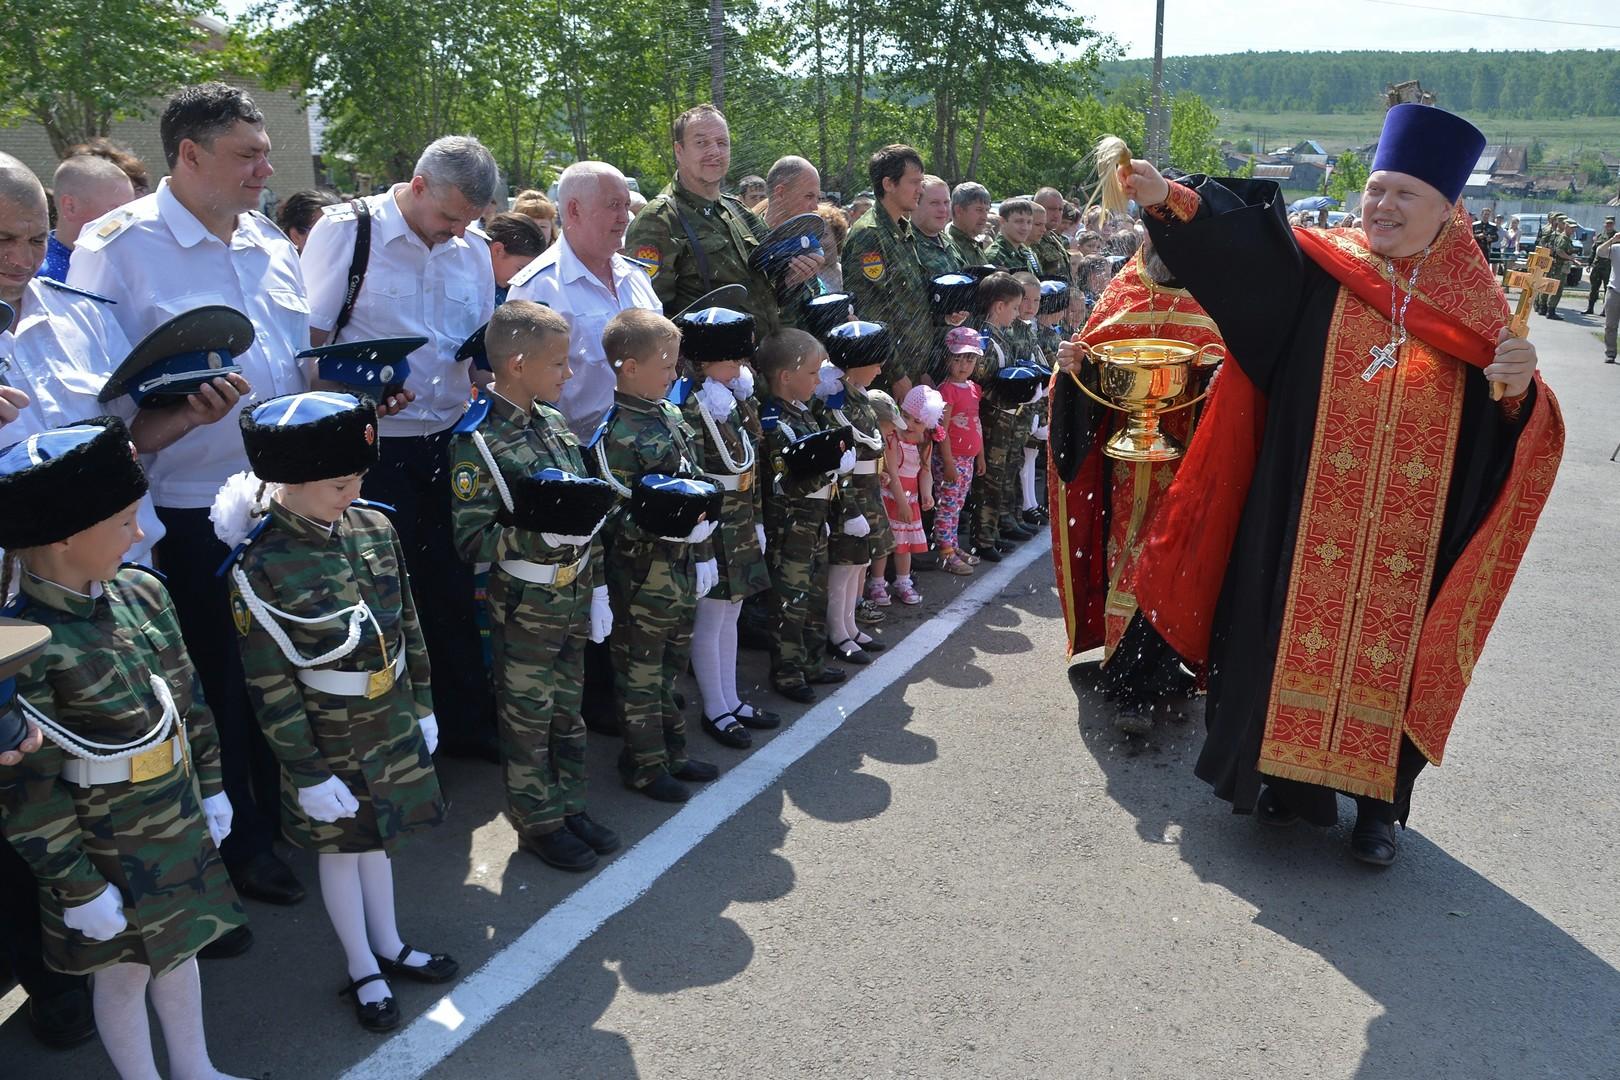 """Ein Priester segnet Kosaken während des Kulturfestivals """"Kosakengeschlecht ist ohne End"""" in der Ortschaft Trawniki im Gebiet Tscheljabinsk."""